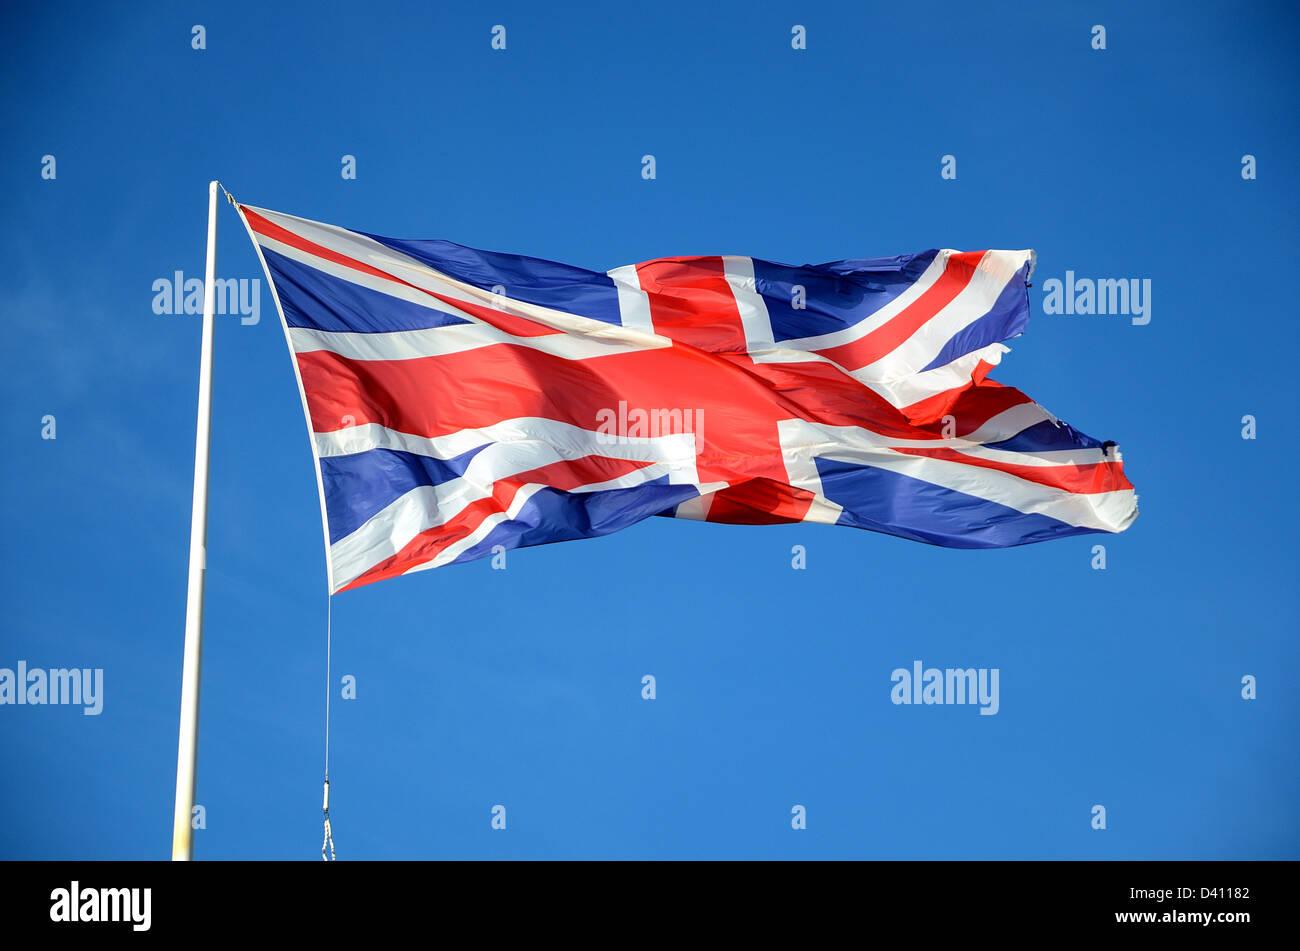 British Union Jack flag fluttering on flagpole - Stock Image